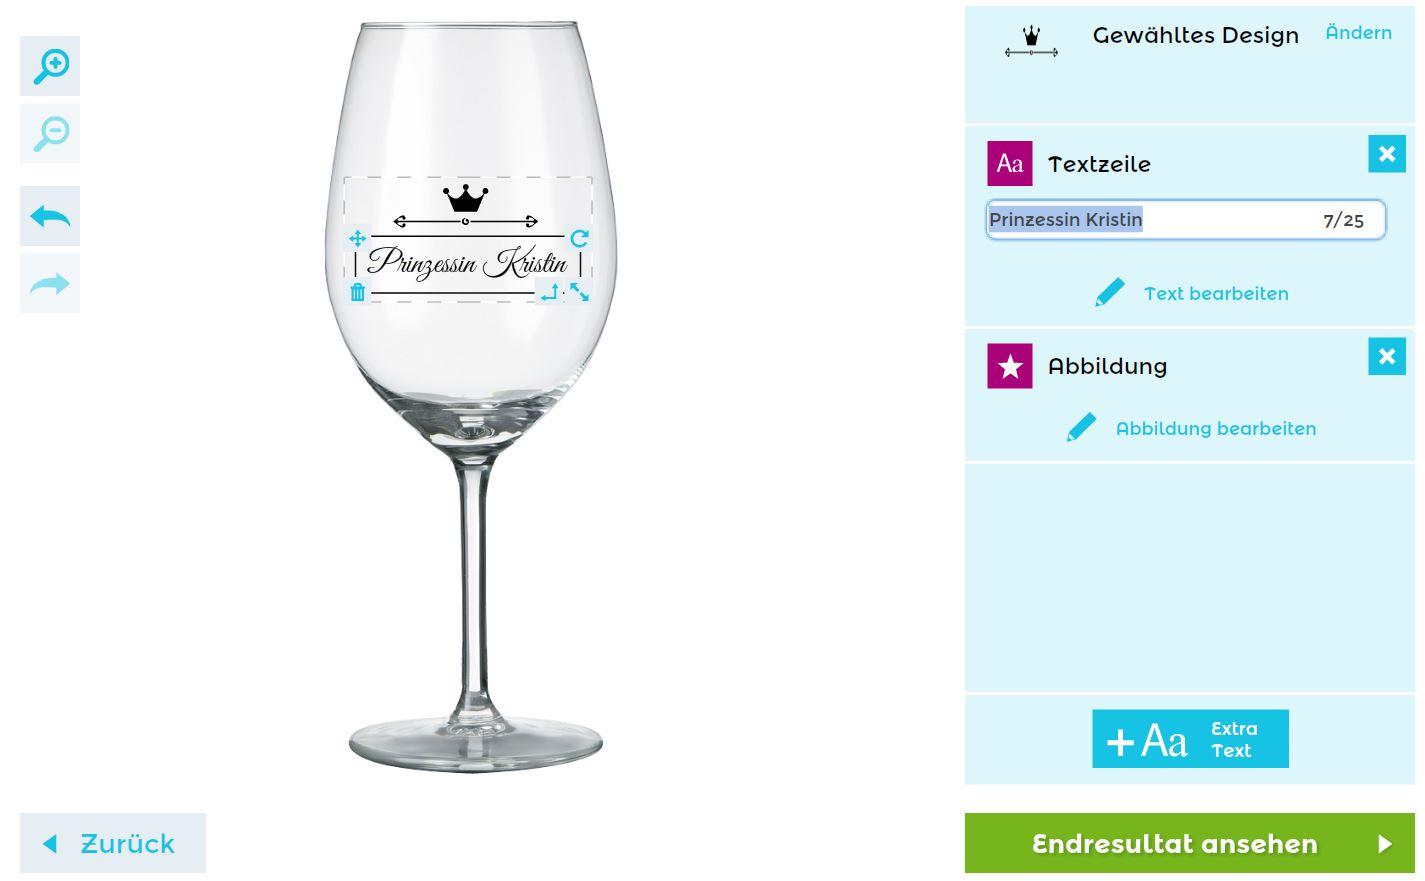 Gestaltung der Textgravur für Euer Weinglas